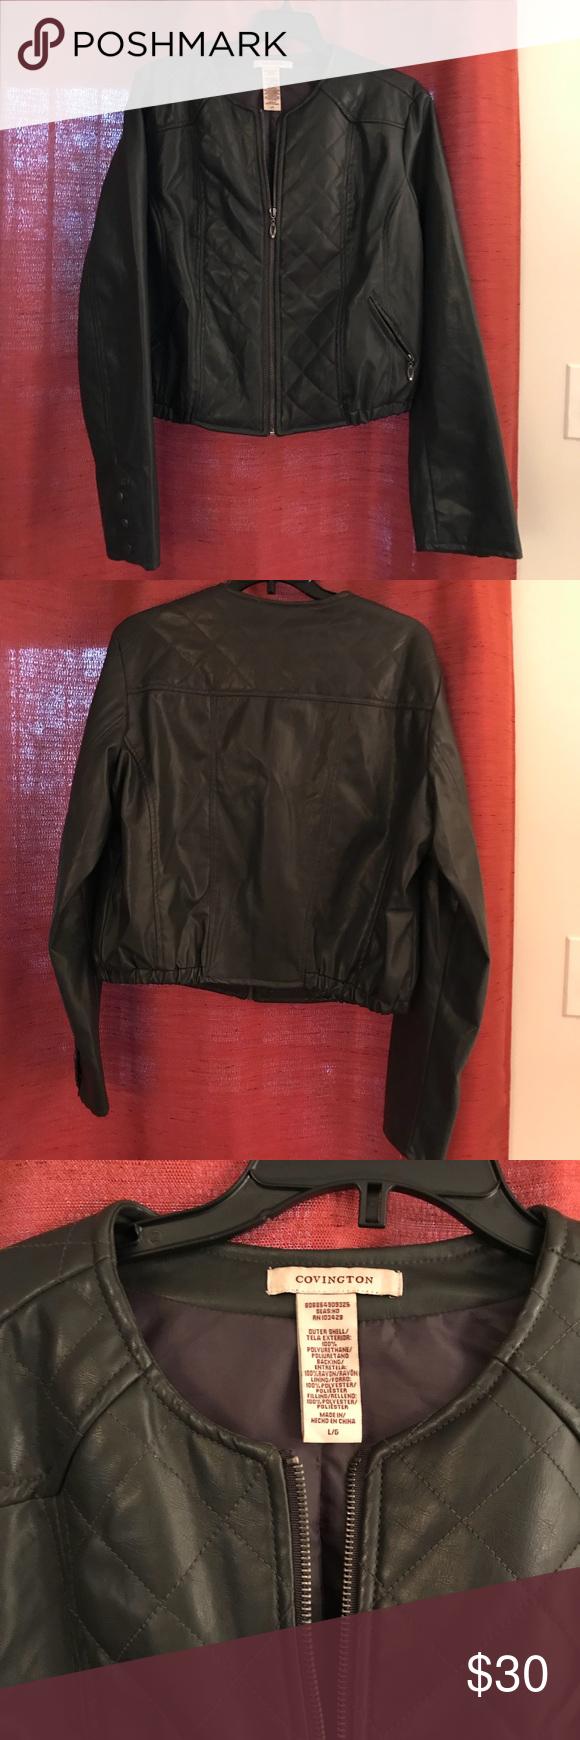 Women S Sz L Faux Leather Jacket Faux Leather Jackets Faux Leather Jacket Women Leather Jacket [ 1740 x 580 Pixel ]